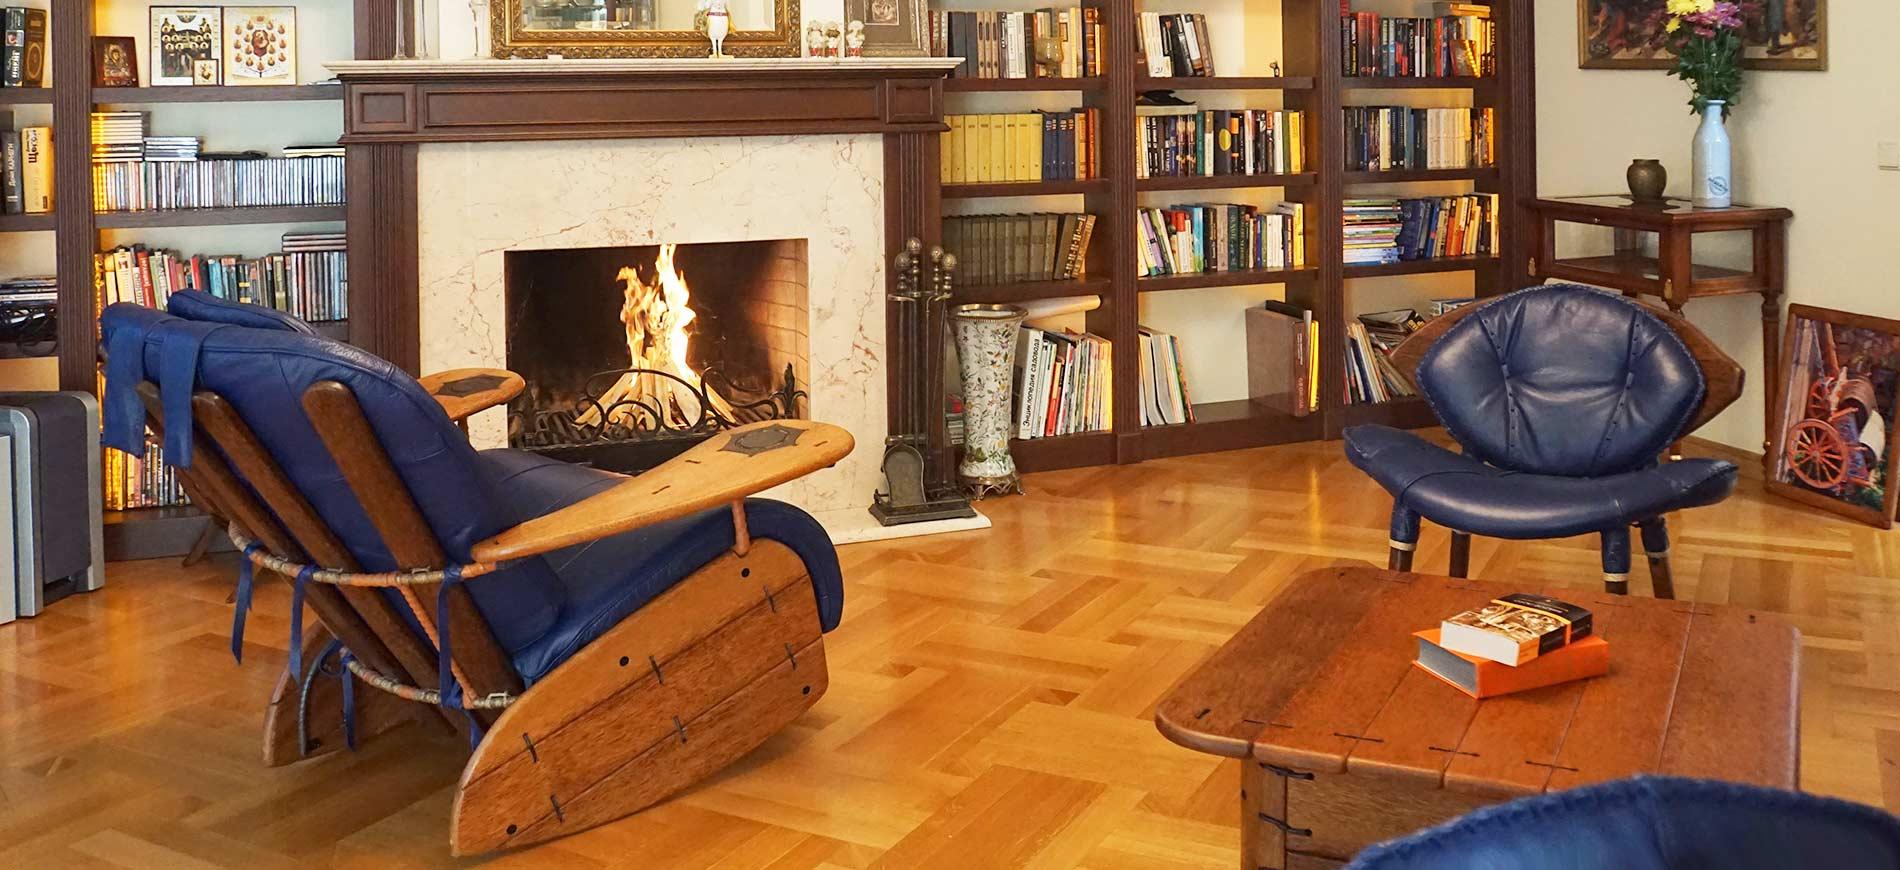 Кожаные кресла. Необычная дизайнерская мебель